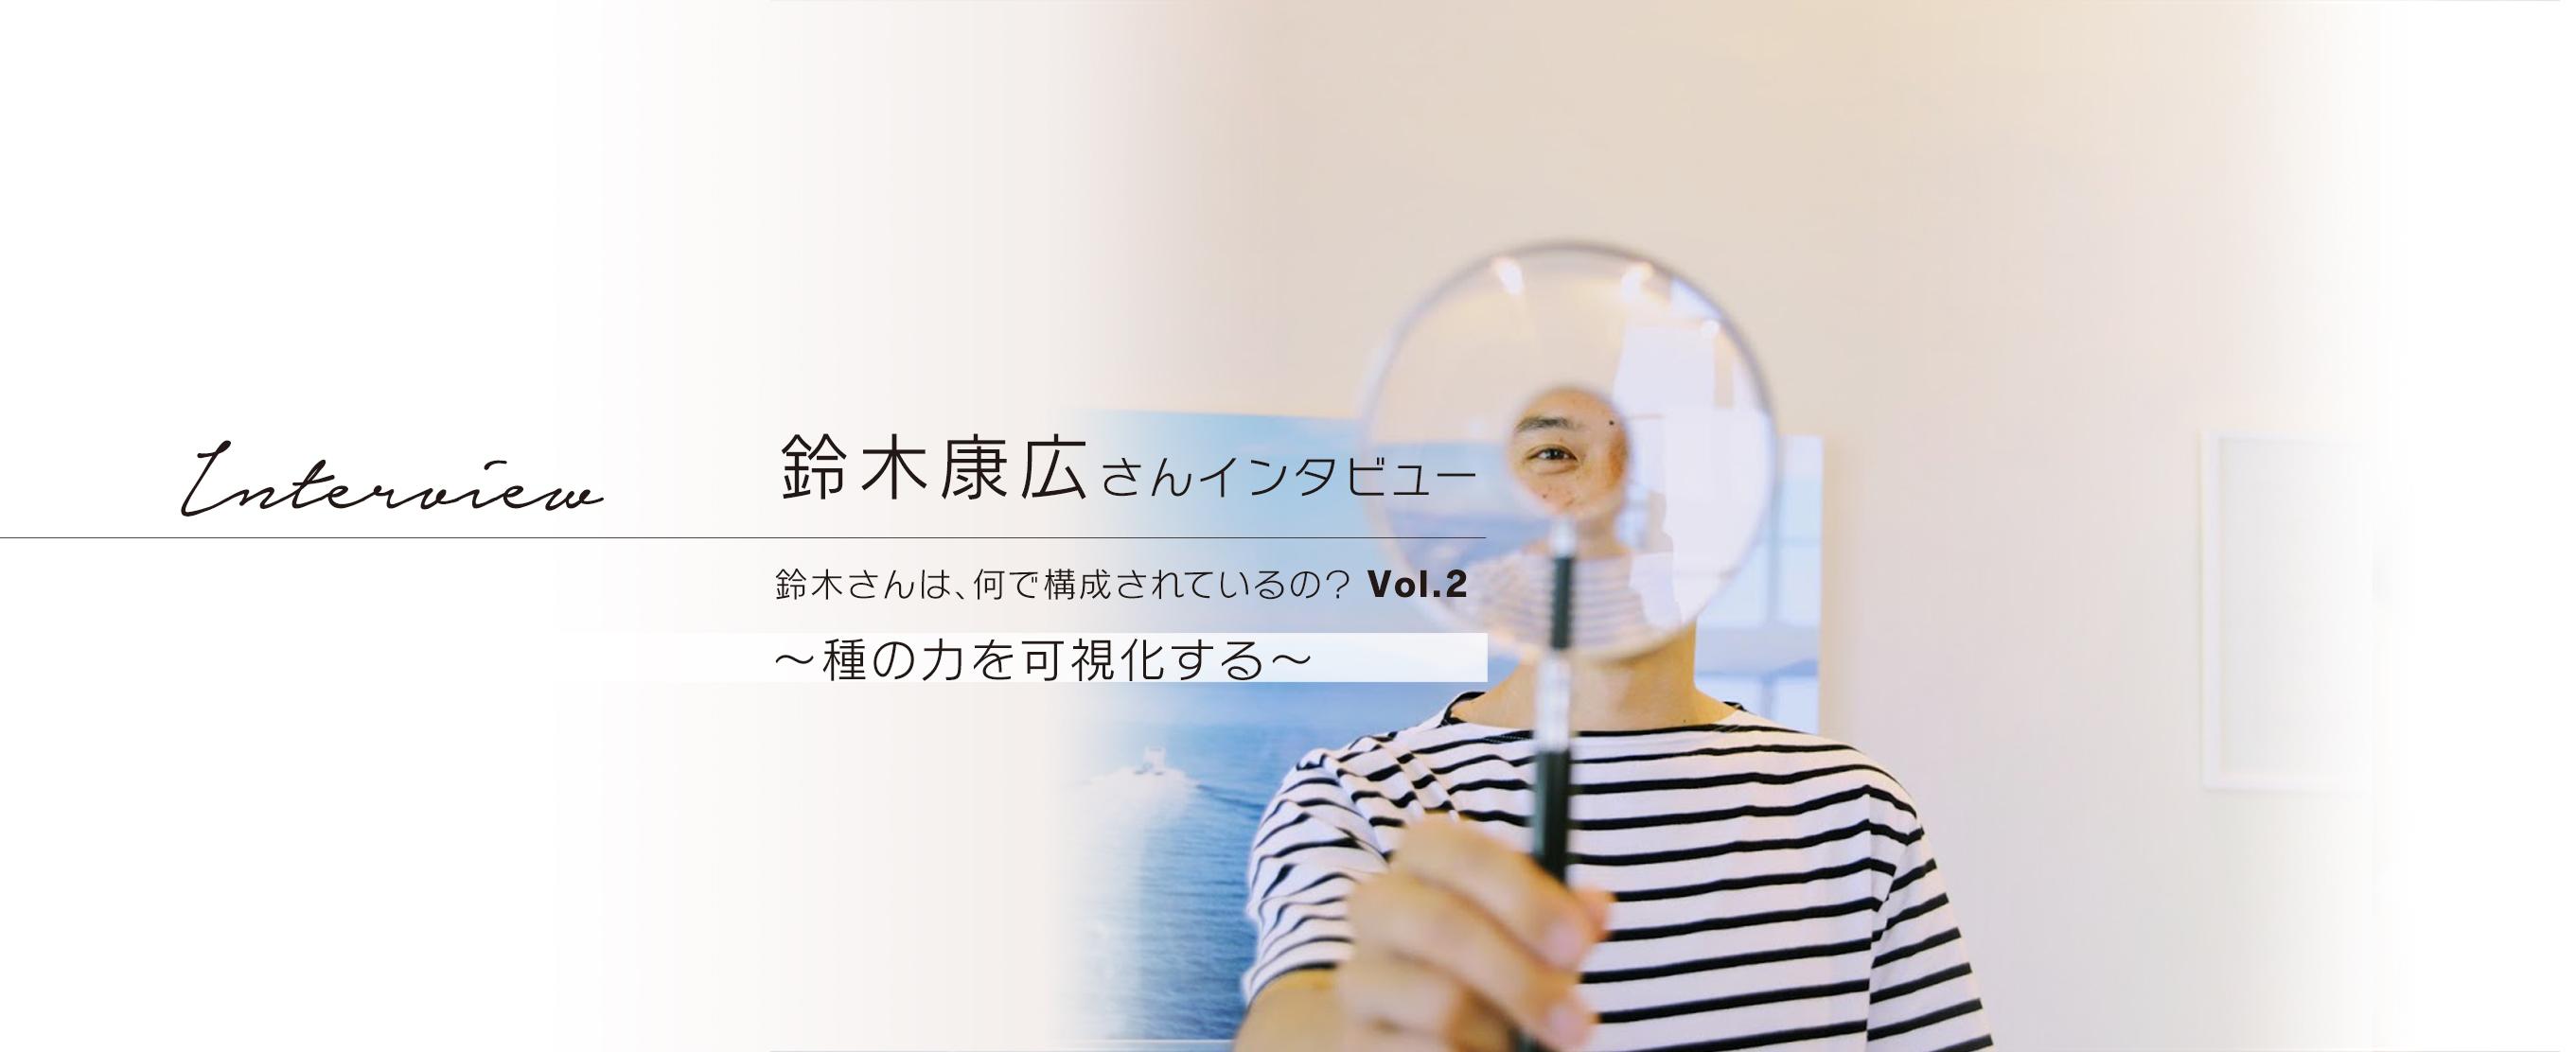 鈴木康広さんインタビュー 鈴木さんは、何で構成されているの?Vol.2 ~種の力を可視化する~